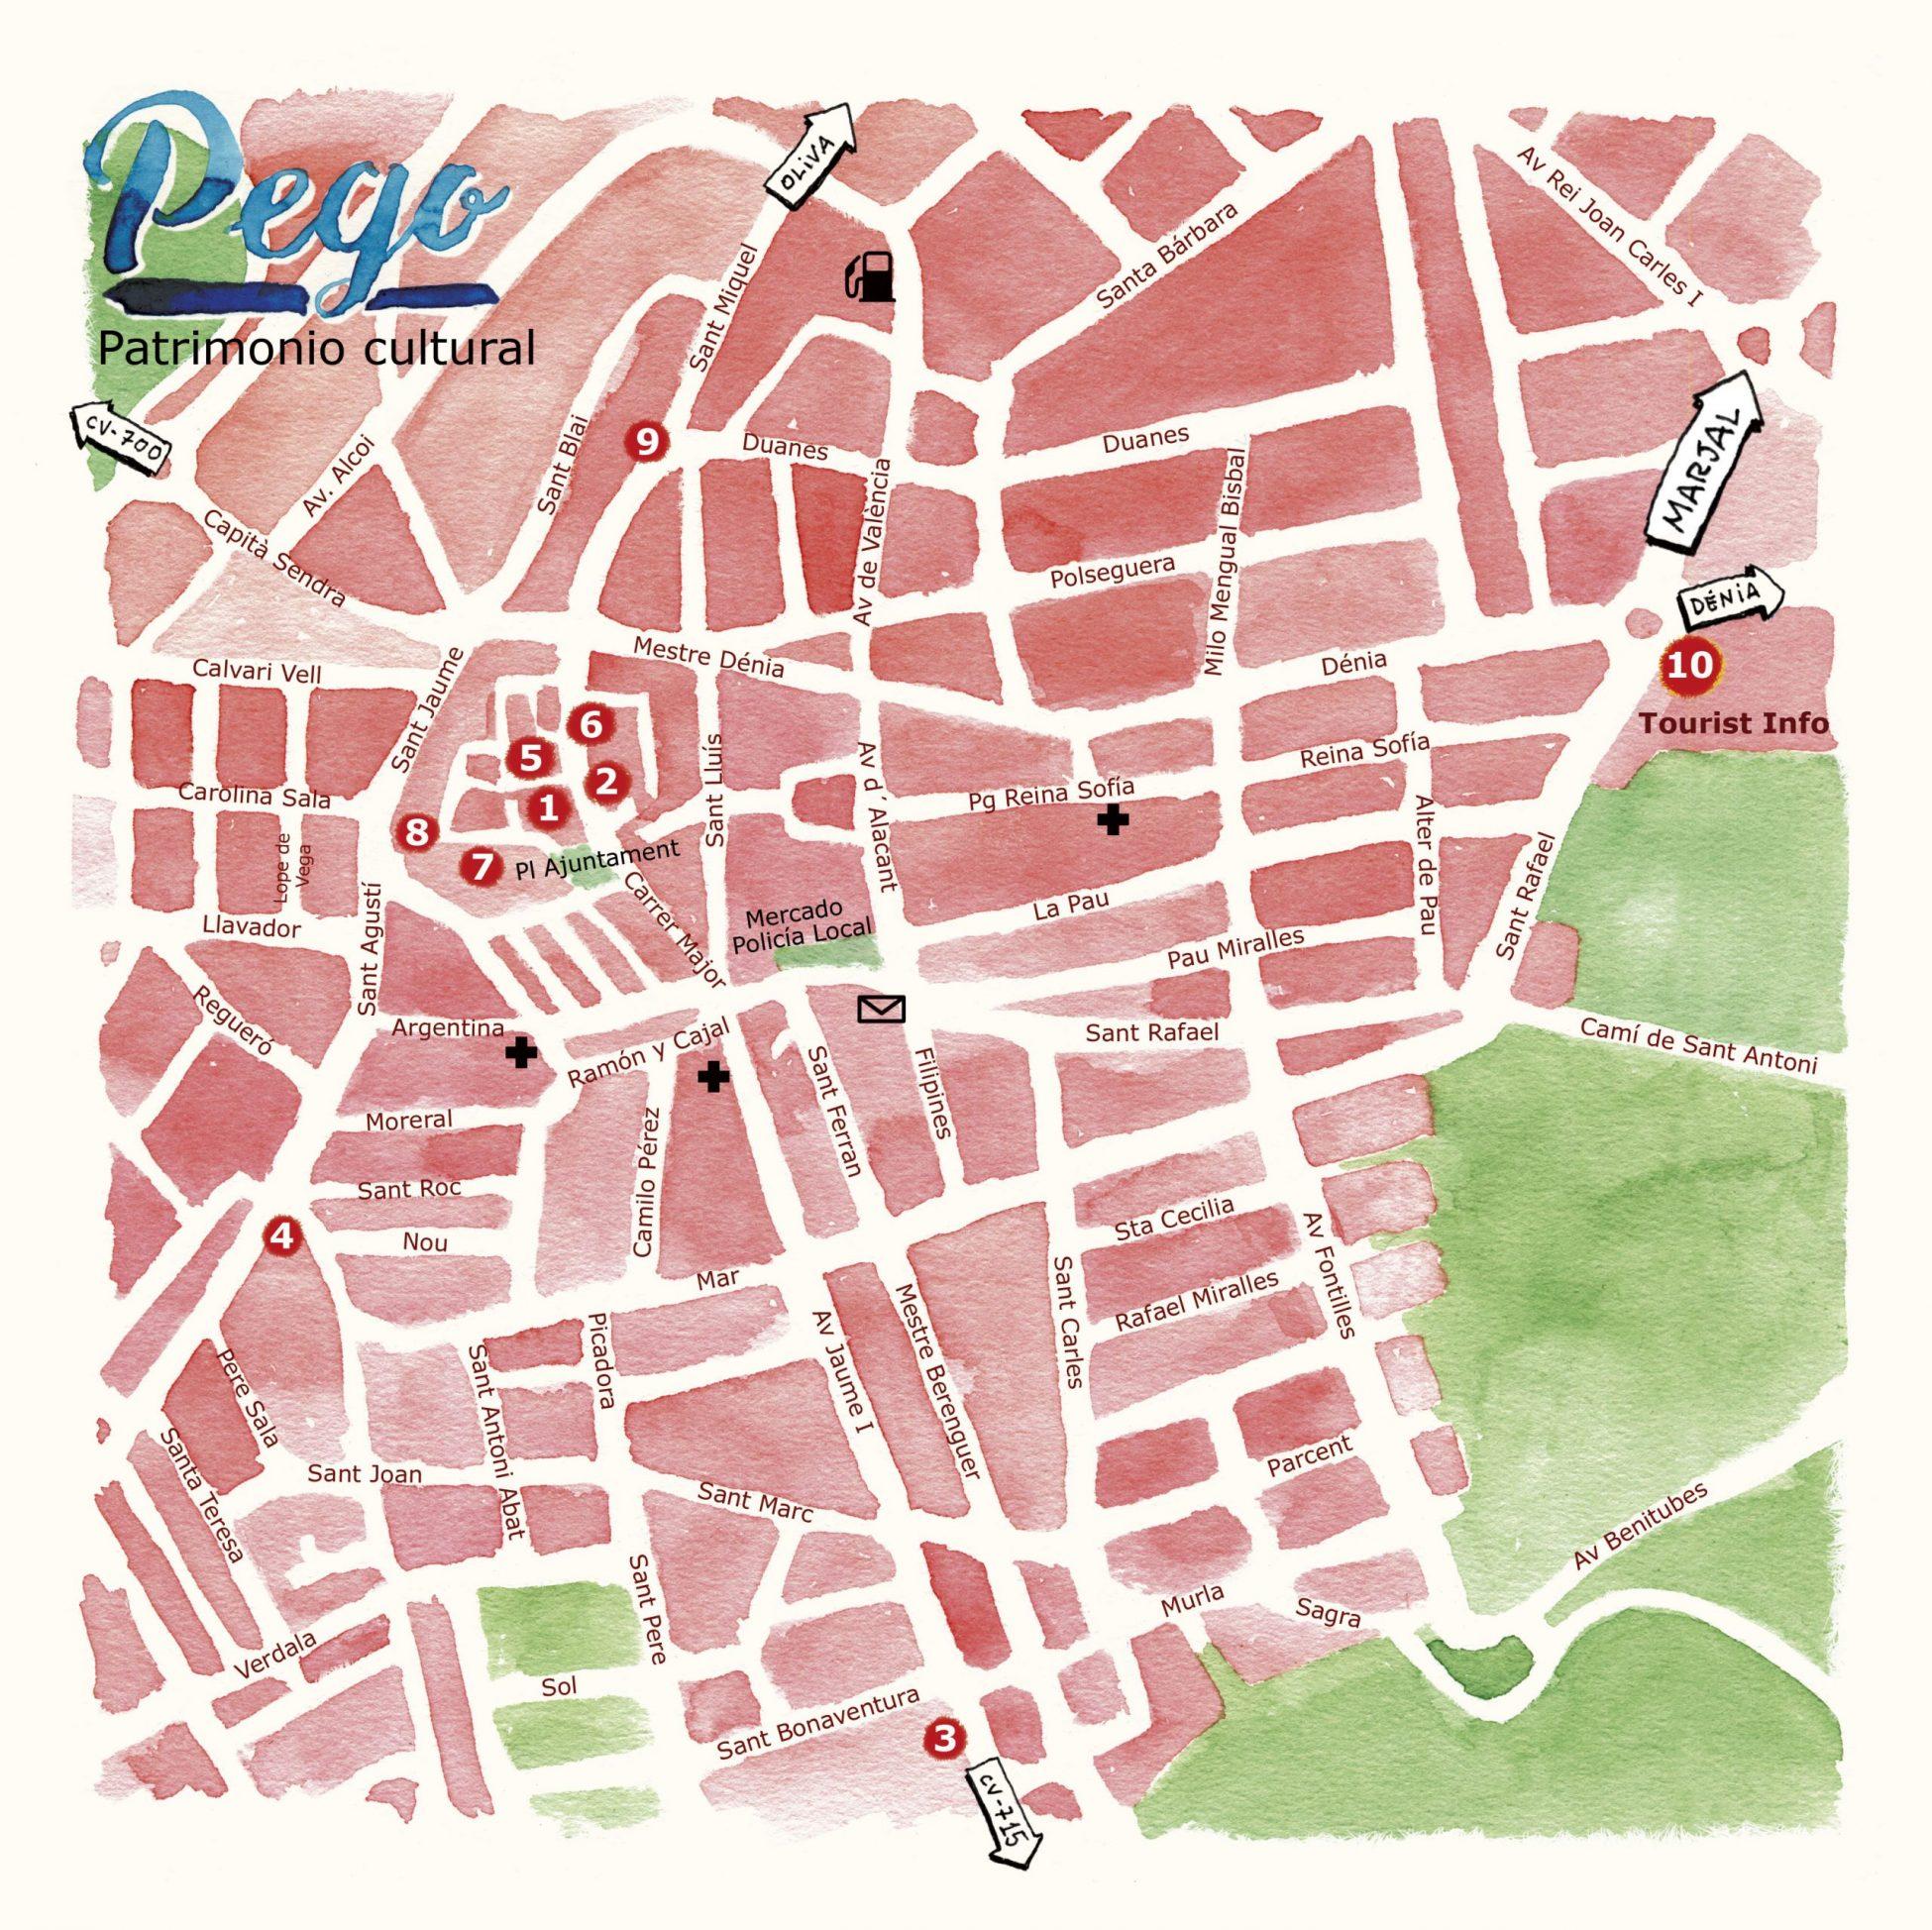 Mapa ilustrado en acuarela de Pego, pueblo y municipio de Alicante. Diseño ayuntamiento